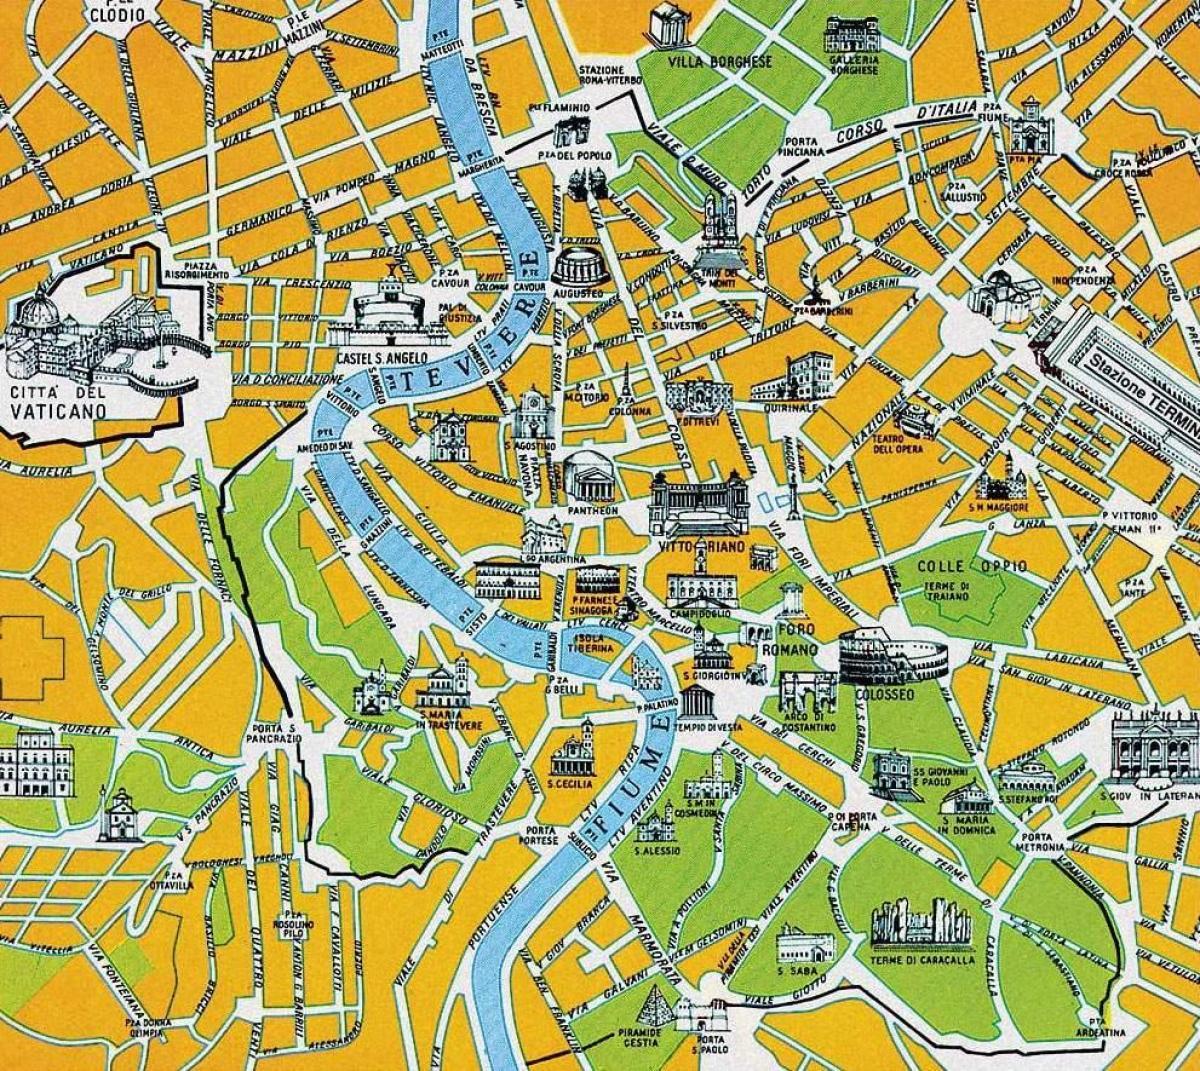 Rom Turist Kort I Hoj Oplosning Kort Over Rom Turist I Hoj